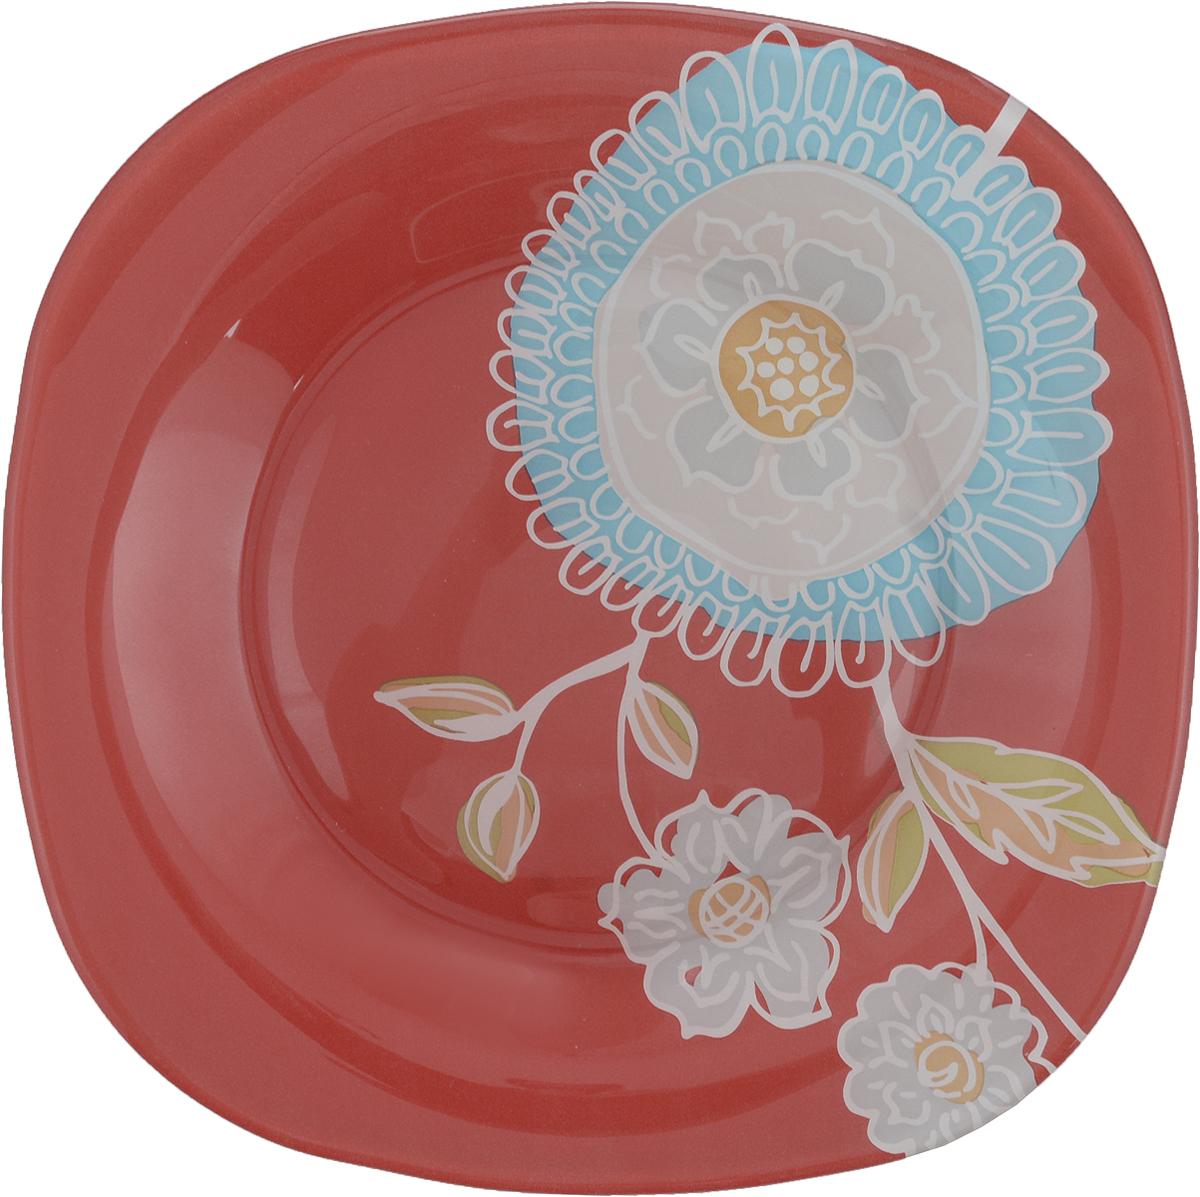 Тарелка десертная Luminarc Silene Glass, 18 х 18 смJ7829Десертная тарелка Luminarc Silene Glass, изготовленная из высококачественного стекла, имеет изысканный внешний вид. Такая тарелка прекрасно подходит как для торжественных случаев, так и для повседневного использования. Идеальна для подачи десертов, пирожных, тортов и многого другого. Она прекрасно оформит стол и станет отличным дополнением к вашей коллекции кухонной посуды.Размер тарелки: 18 х 18 см.Высота тарелки: 1,5 см.